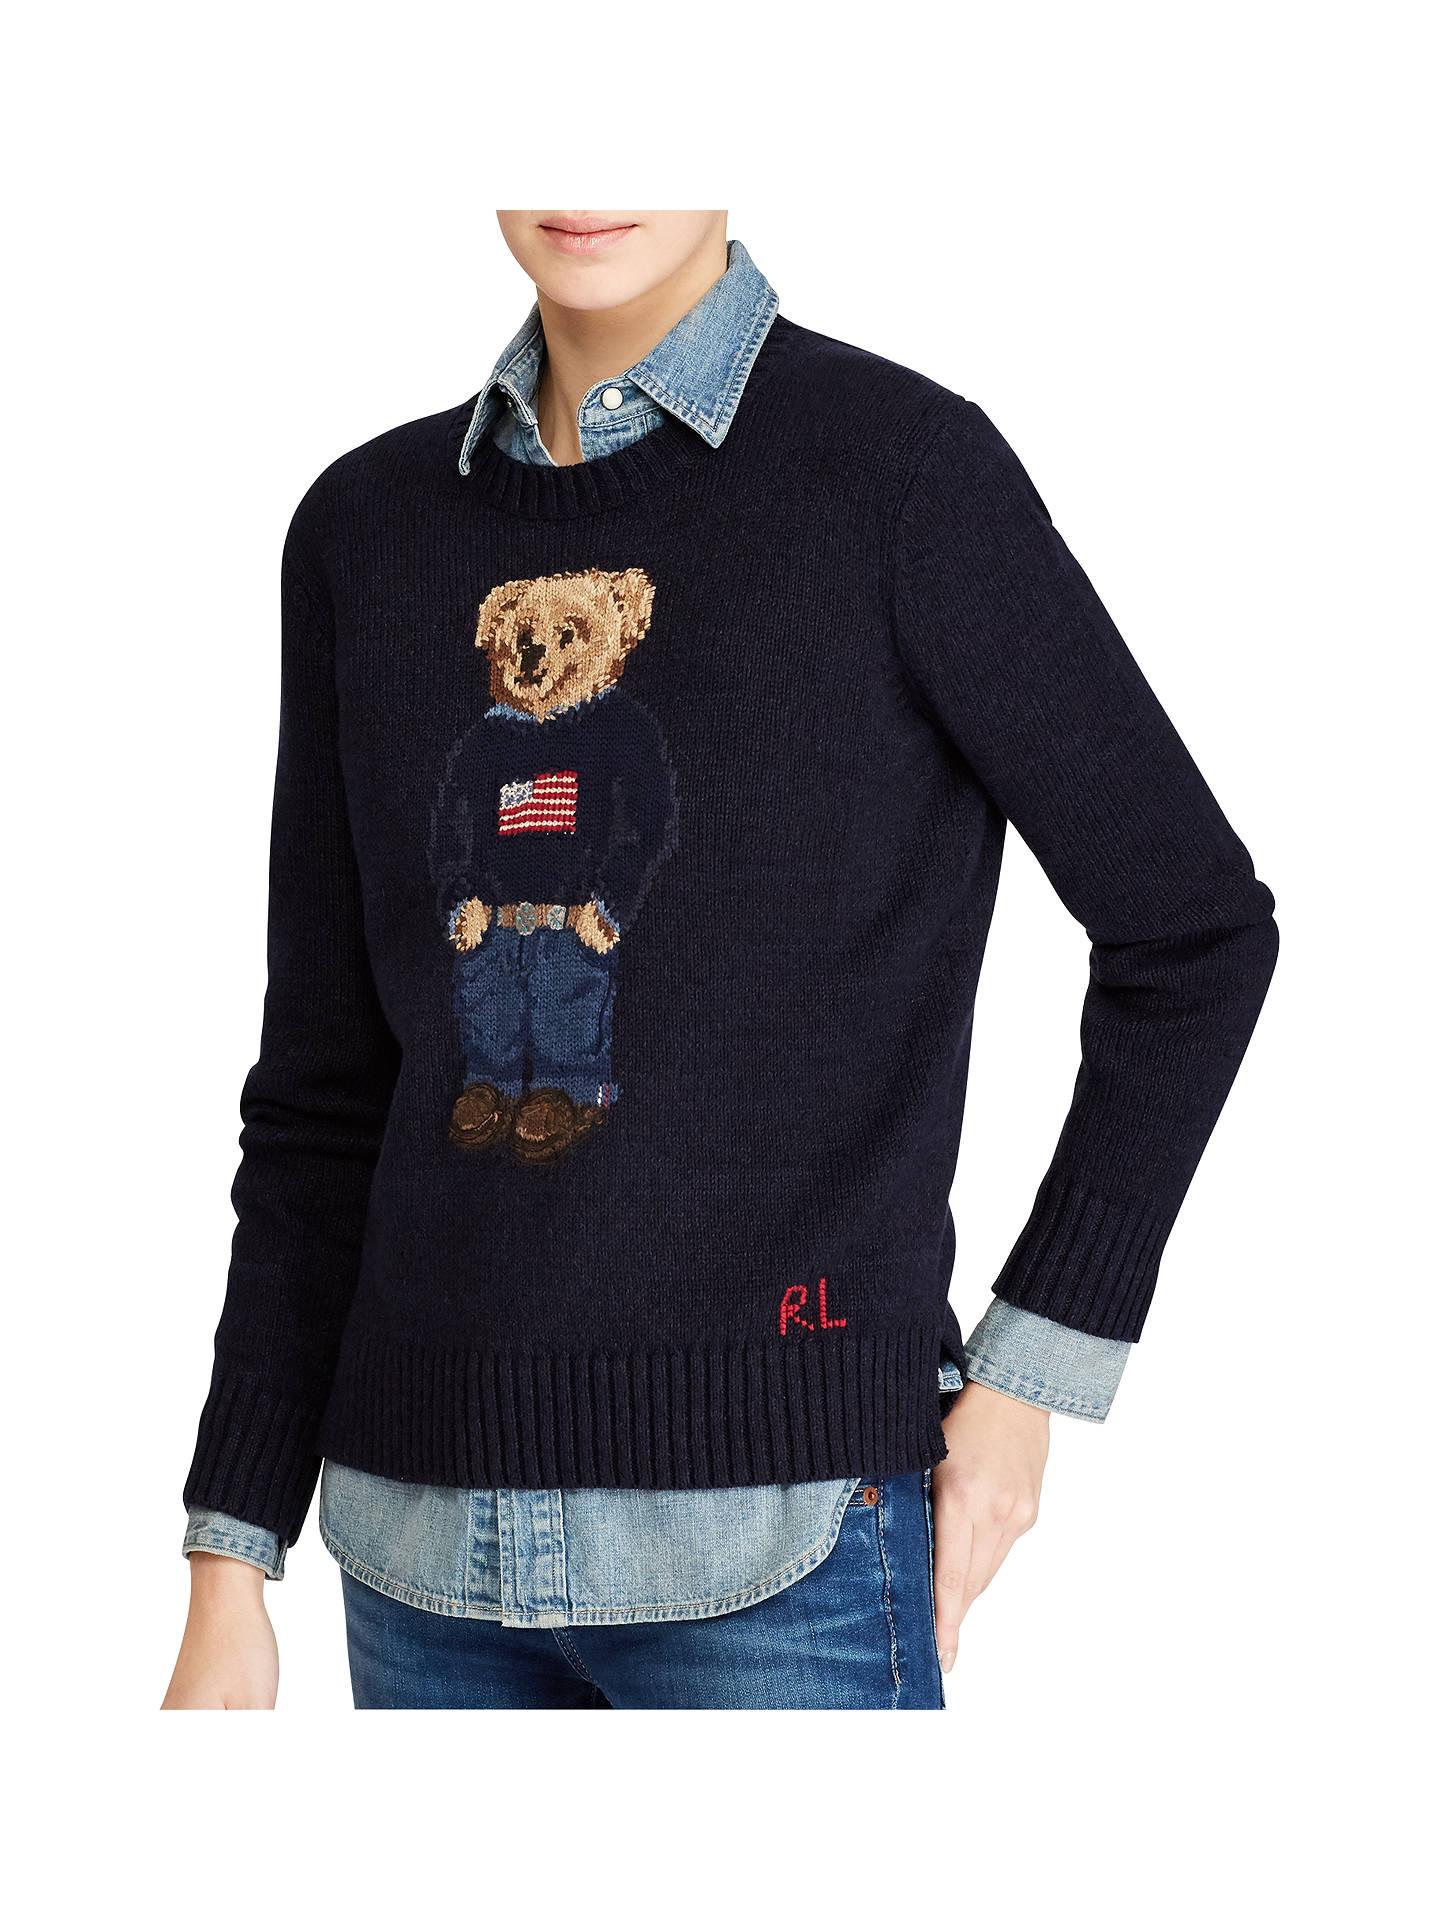 e0d65f12a9199 Buy Polo Ralph Lauren Bear Jumper